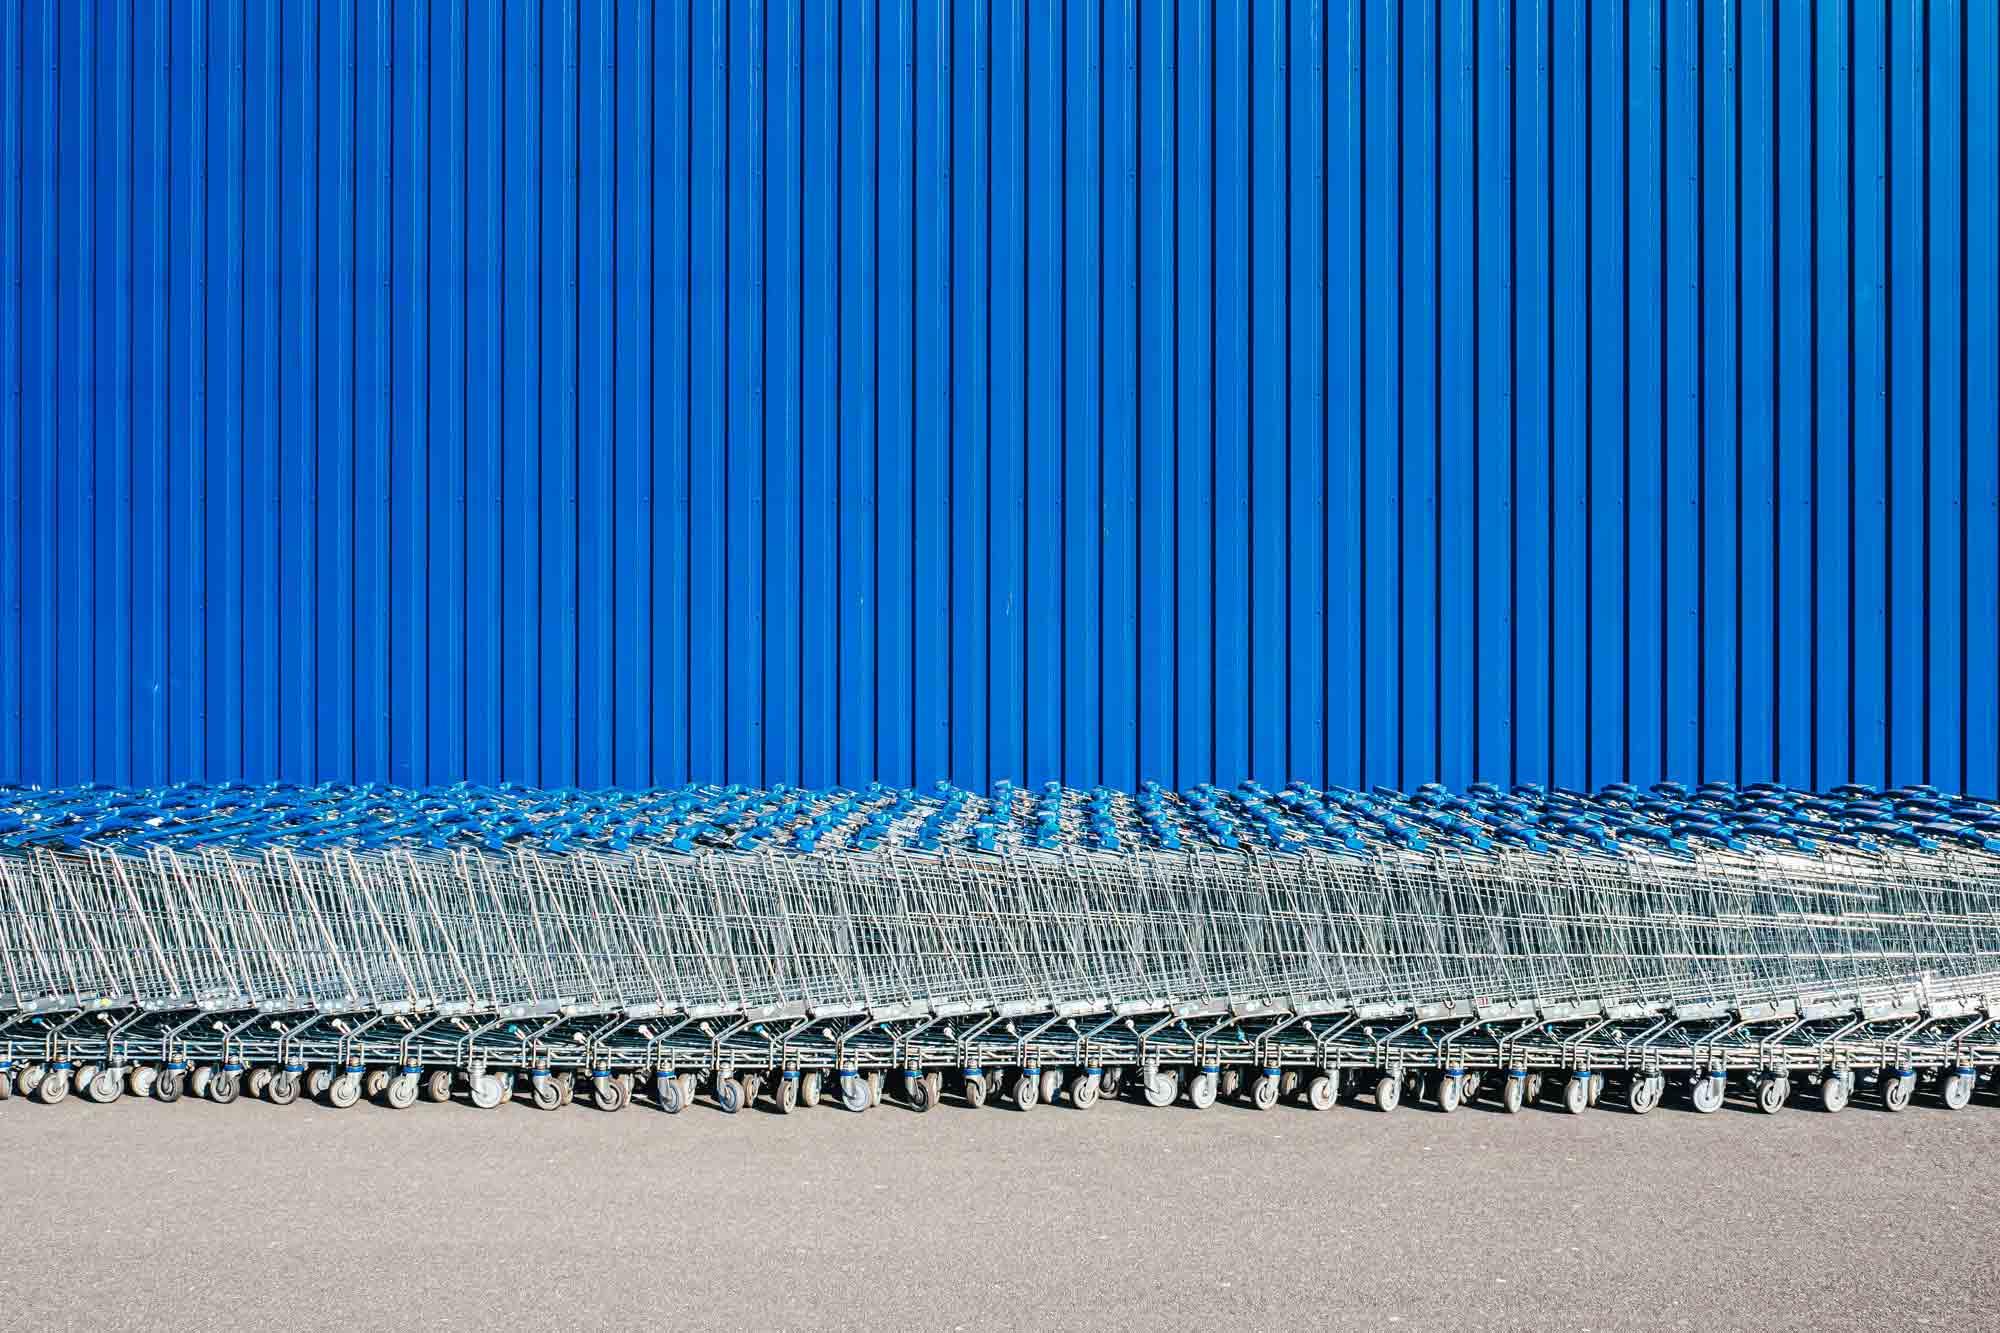 Platz Vier Fotowettbewerb Blau